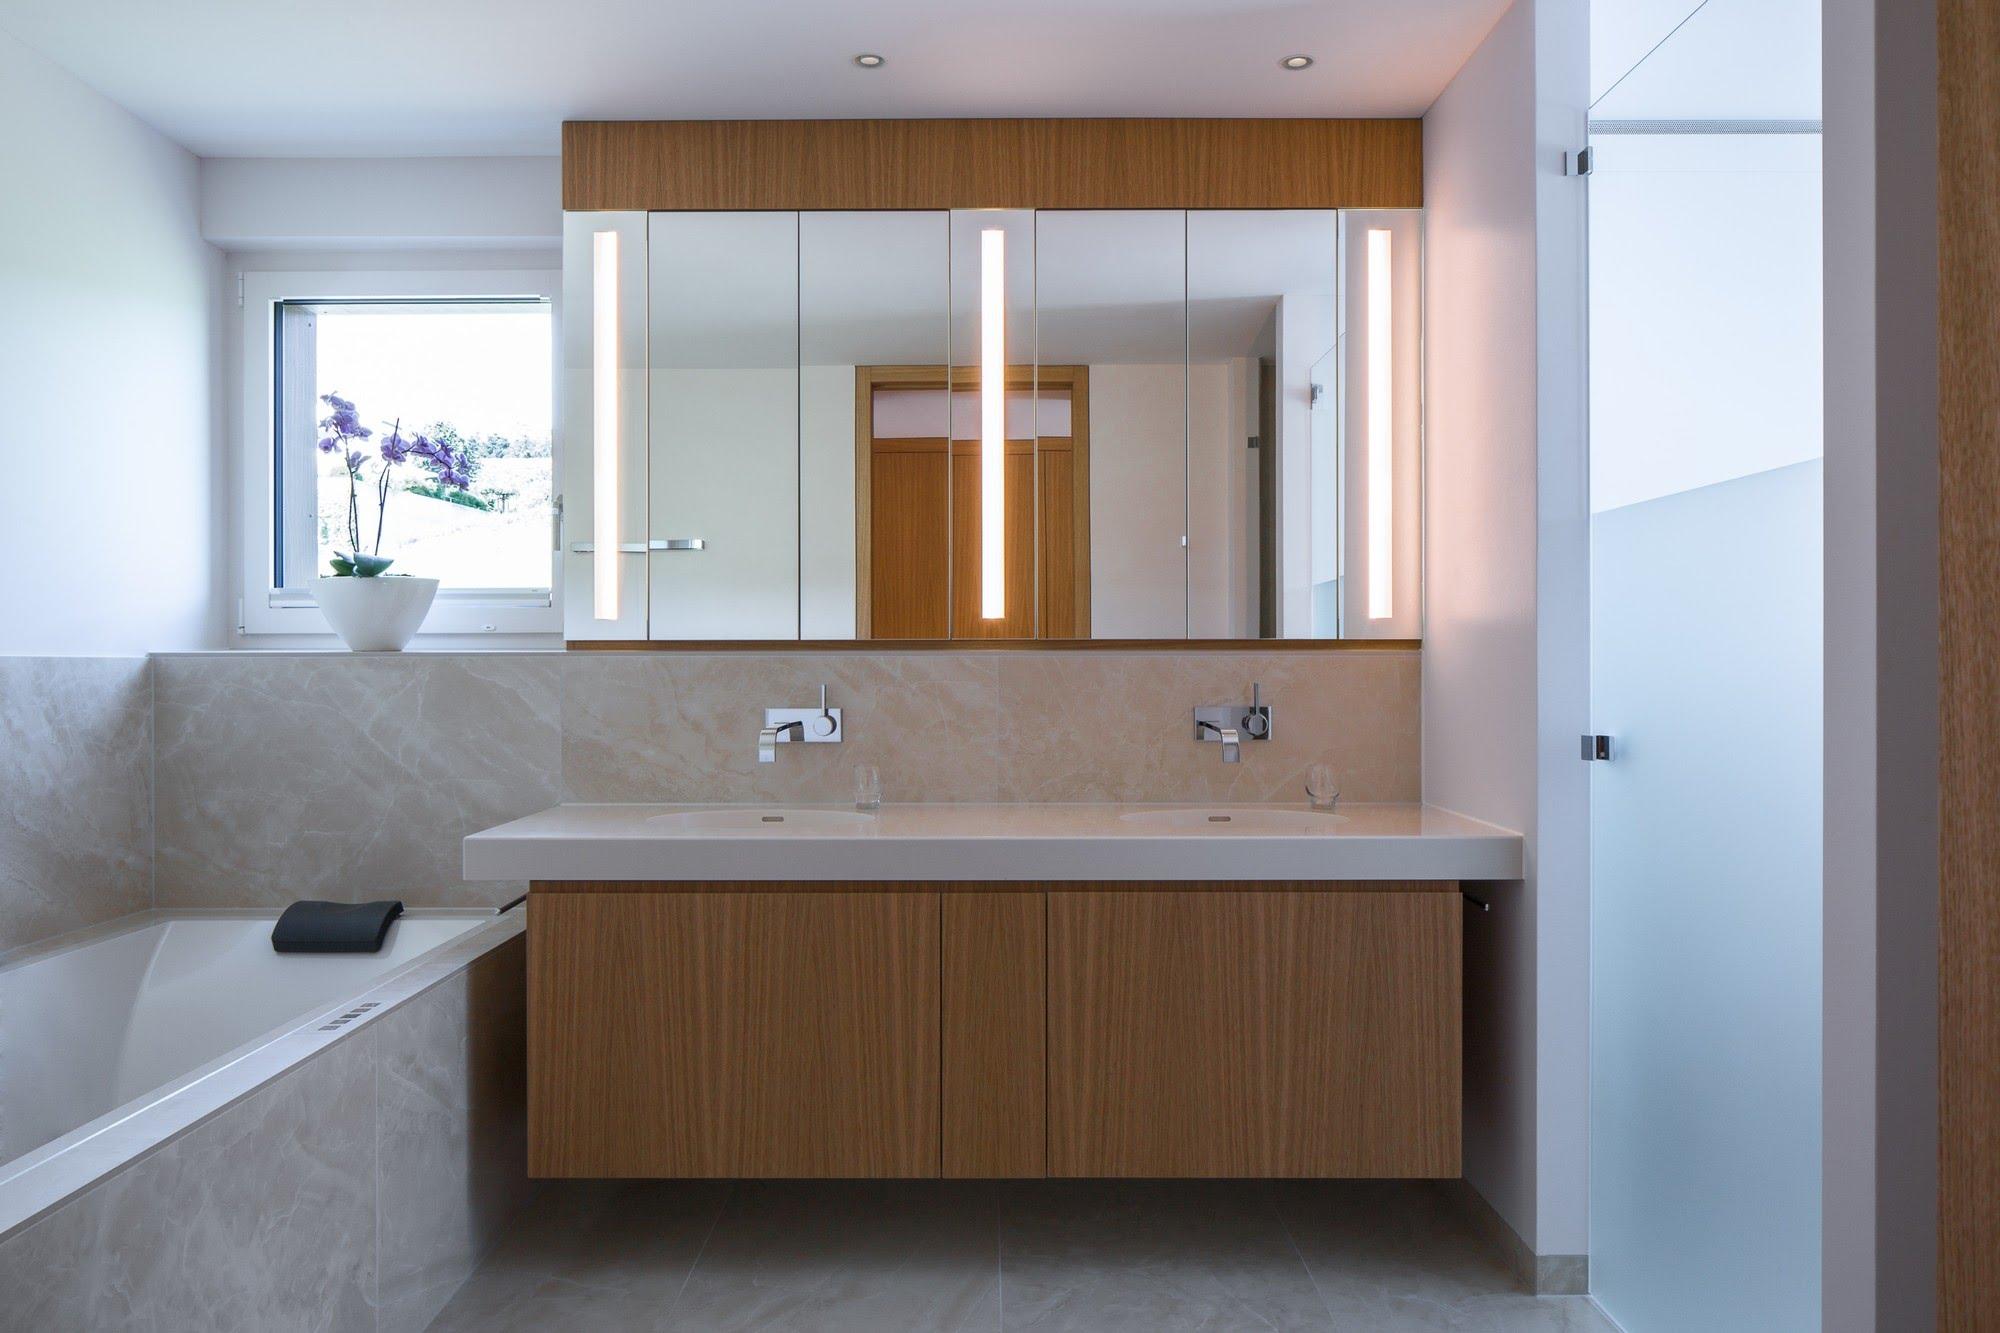 Wohnen EFH 2 EFH in Schenkon Architektur,Wohnungsbau,Wohnhäuser,Einfamilienhäuser,Mehrfamilienhäuser